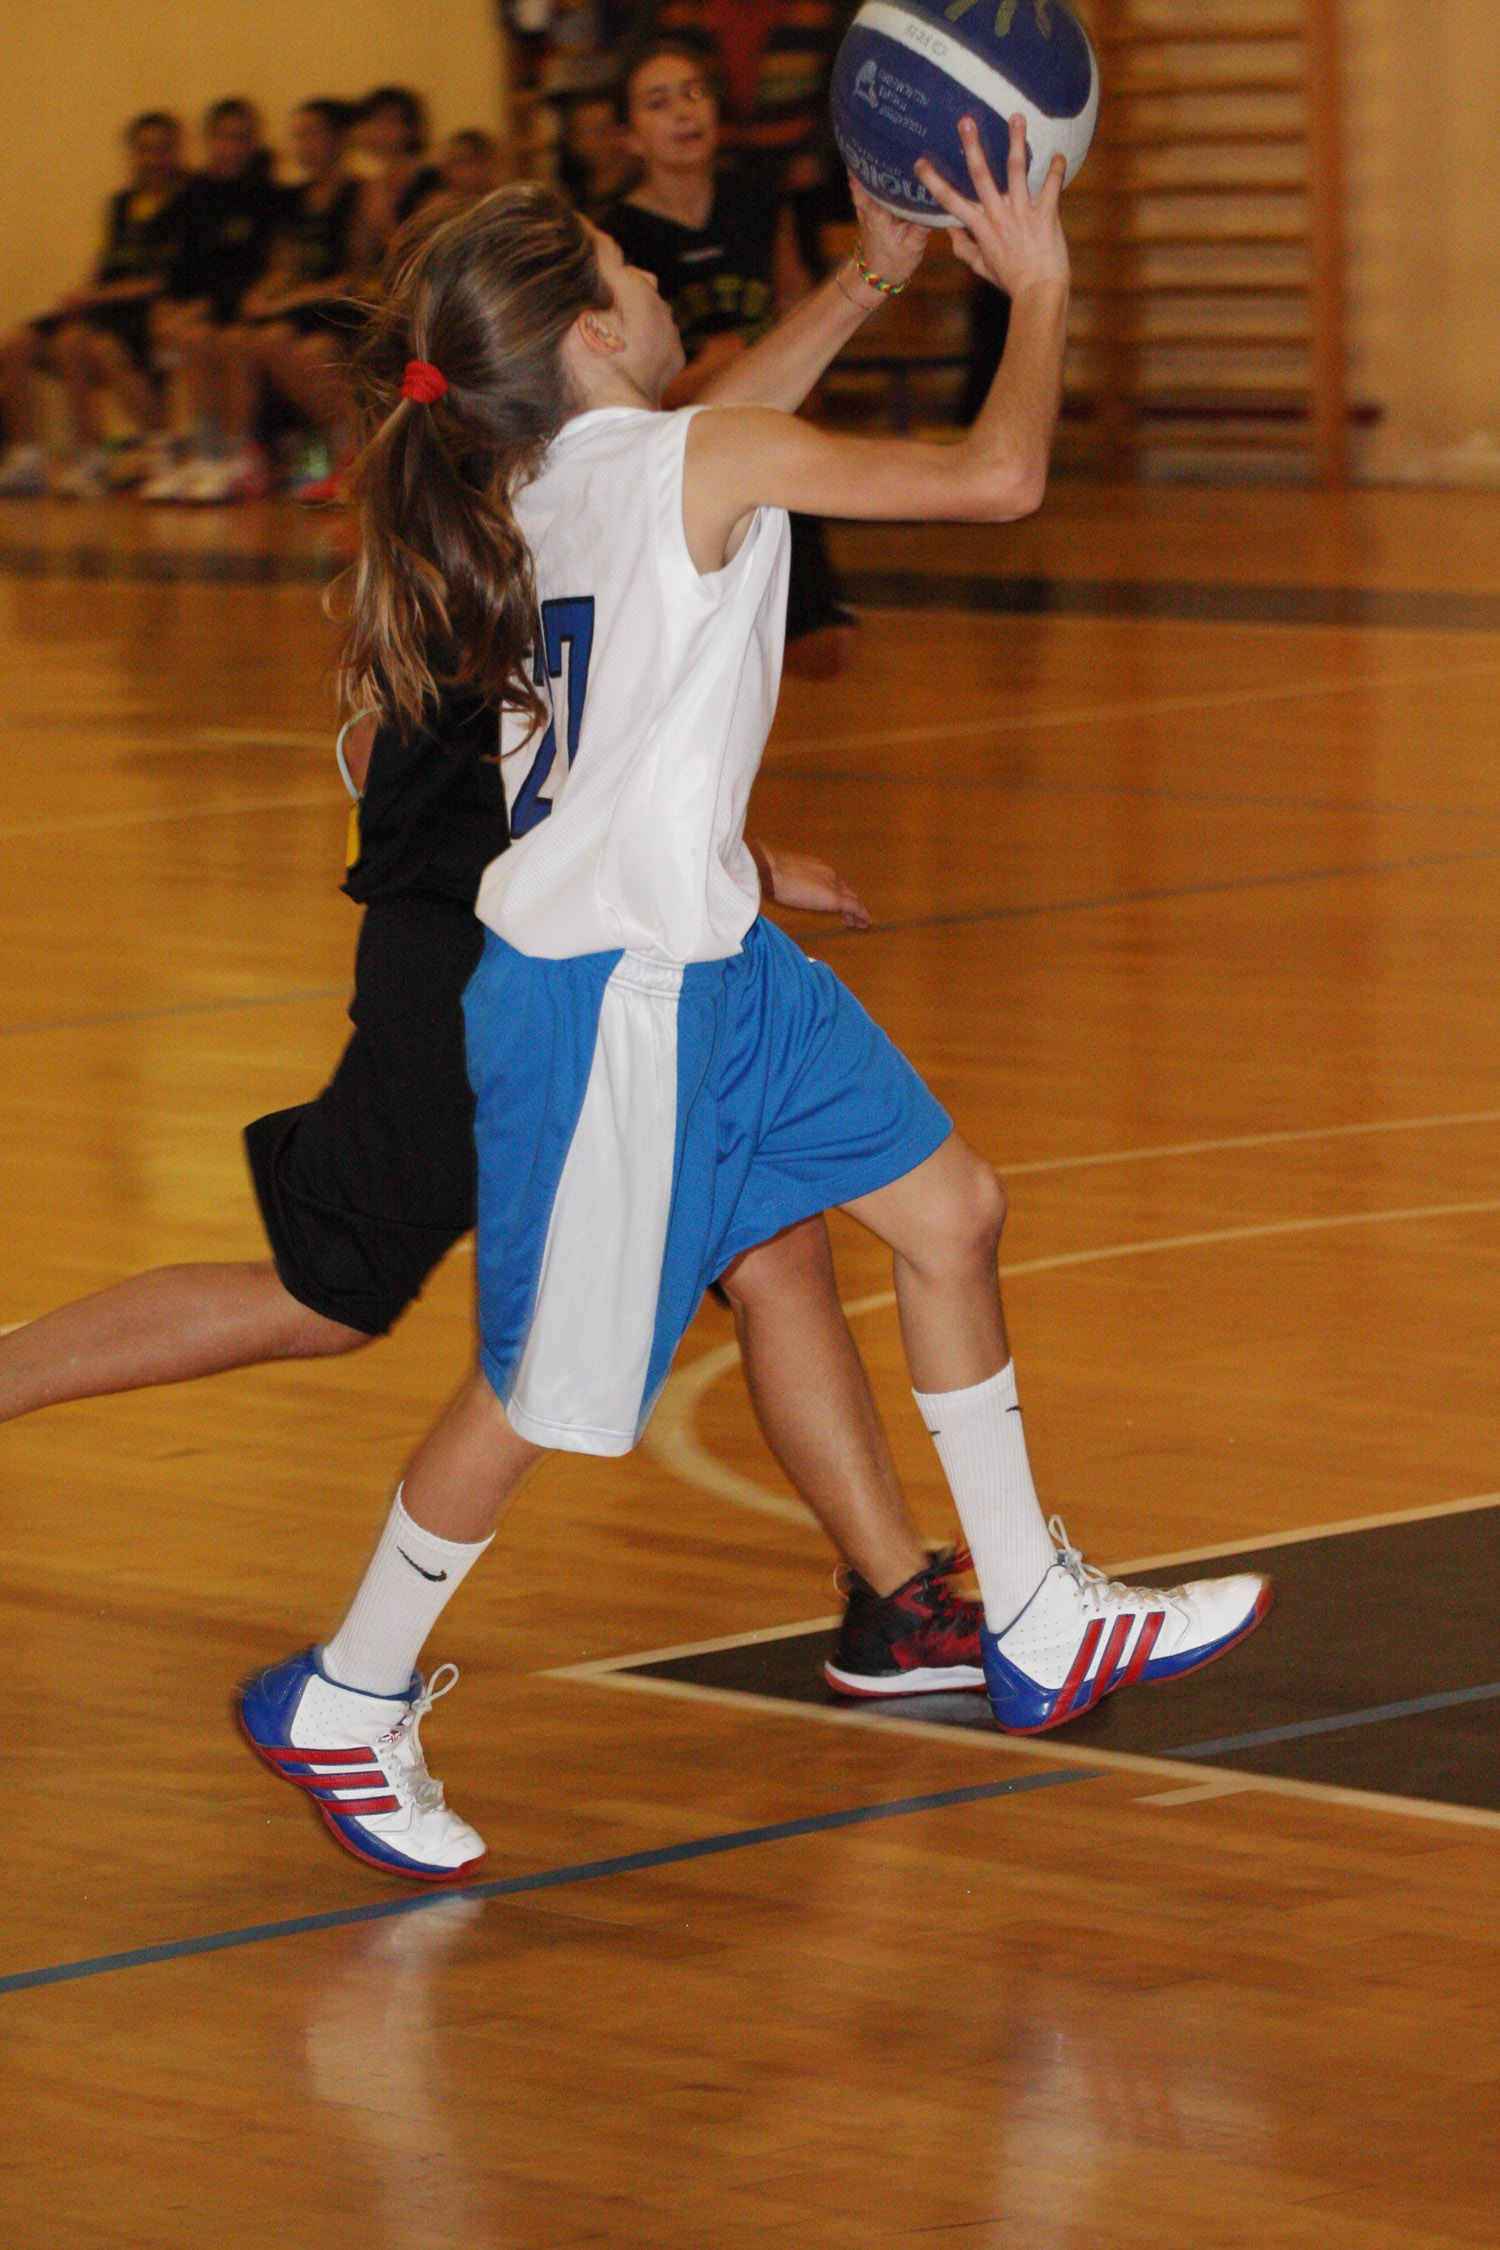 U13 - Baskettiamo Vittuone vs Carroccio Legnano 00009.jpg